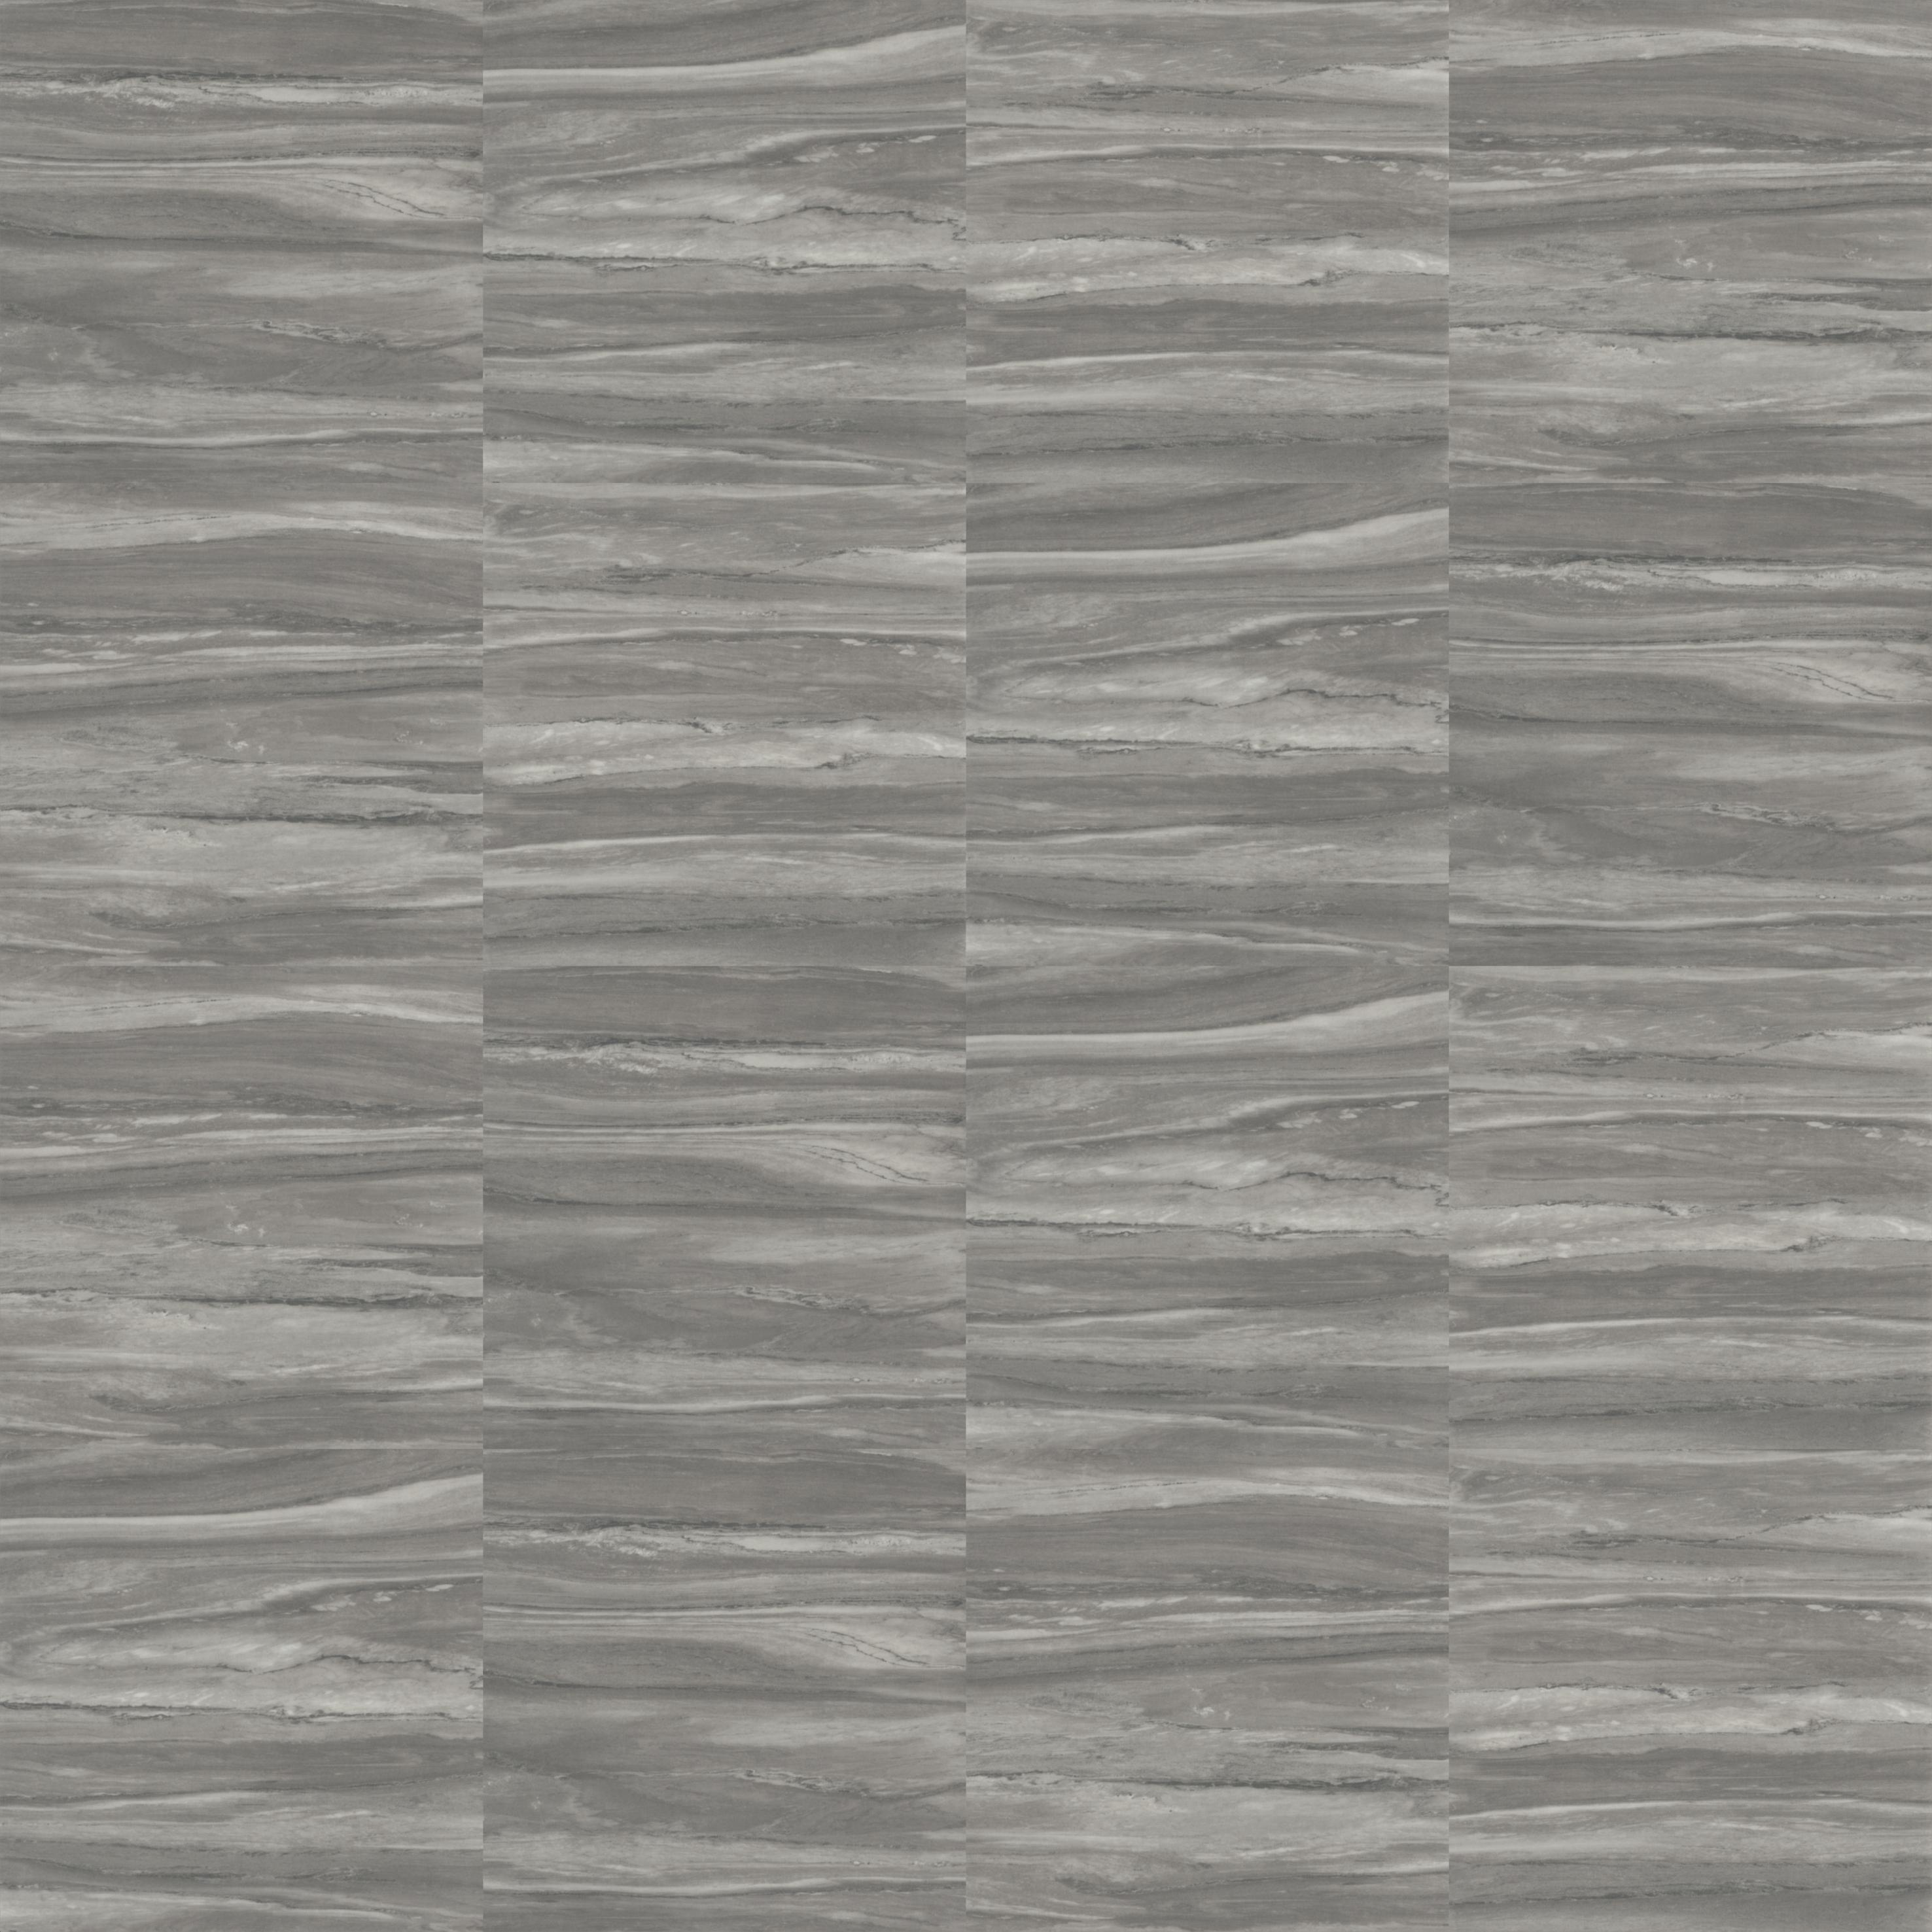 Allura_Stone_-s62554_silver_grey_marble